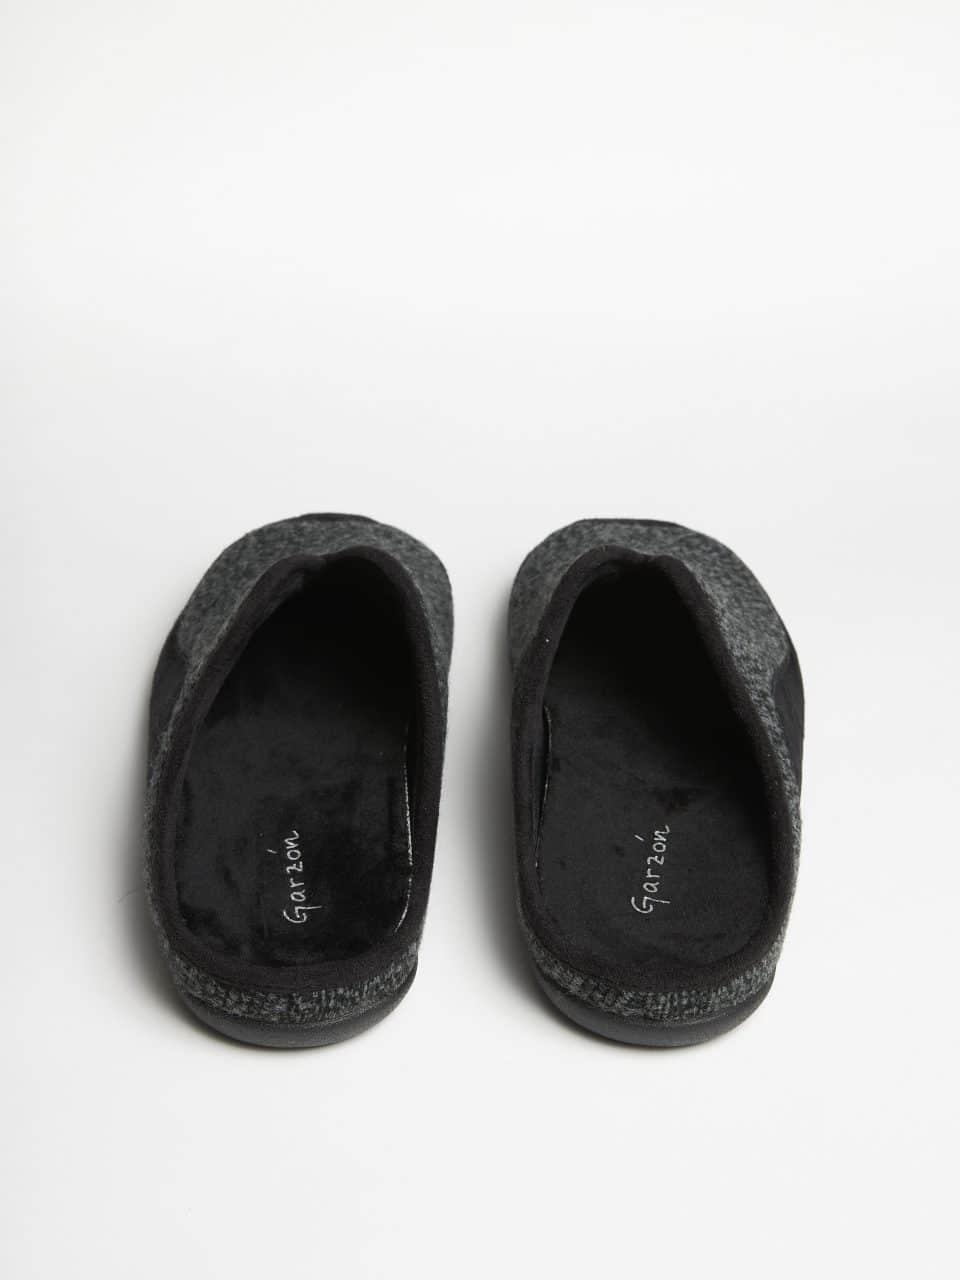 ZUECO RISCO NEGRO Garzón en Loyna Shoes